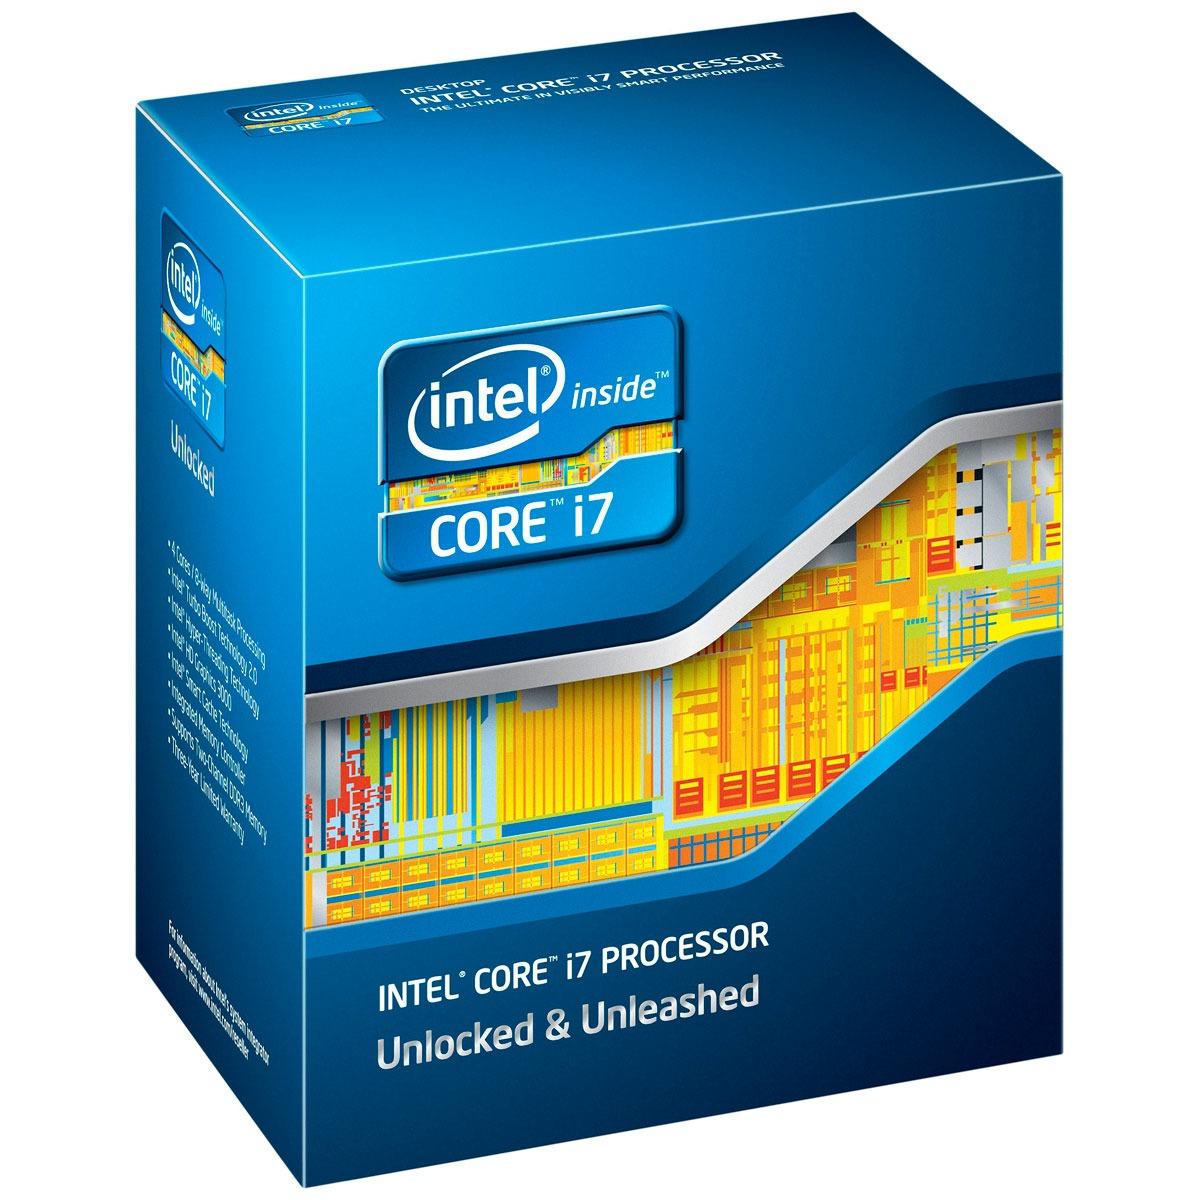 Processeur Intel Core i7-2700K (3.5 GHz) Processeur Quad Core Socket 1155 Cache L3 8 Mo Intel HD Graphics 3000 0.032 micron (version boîte - garantie Intel 3 ans)